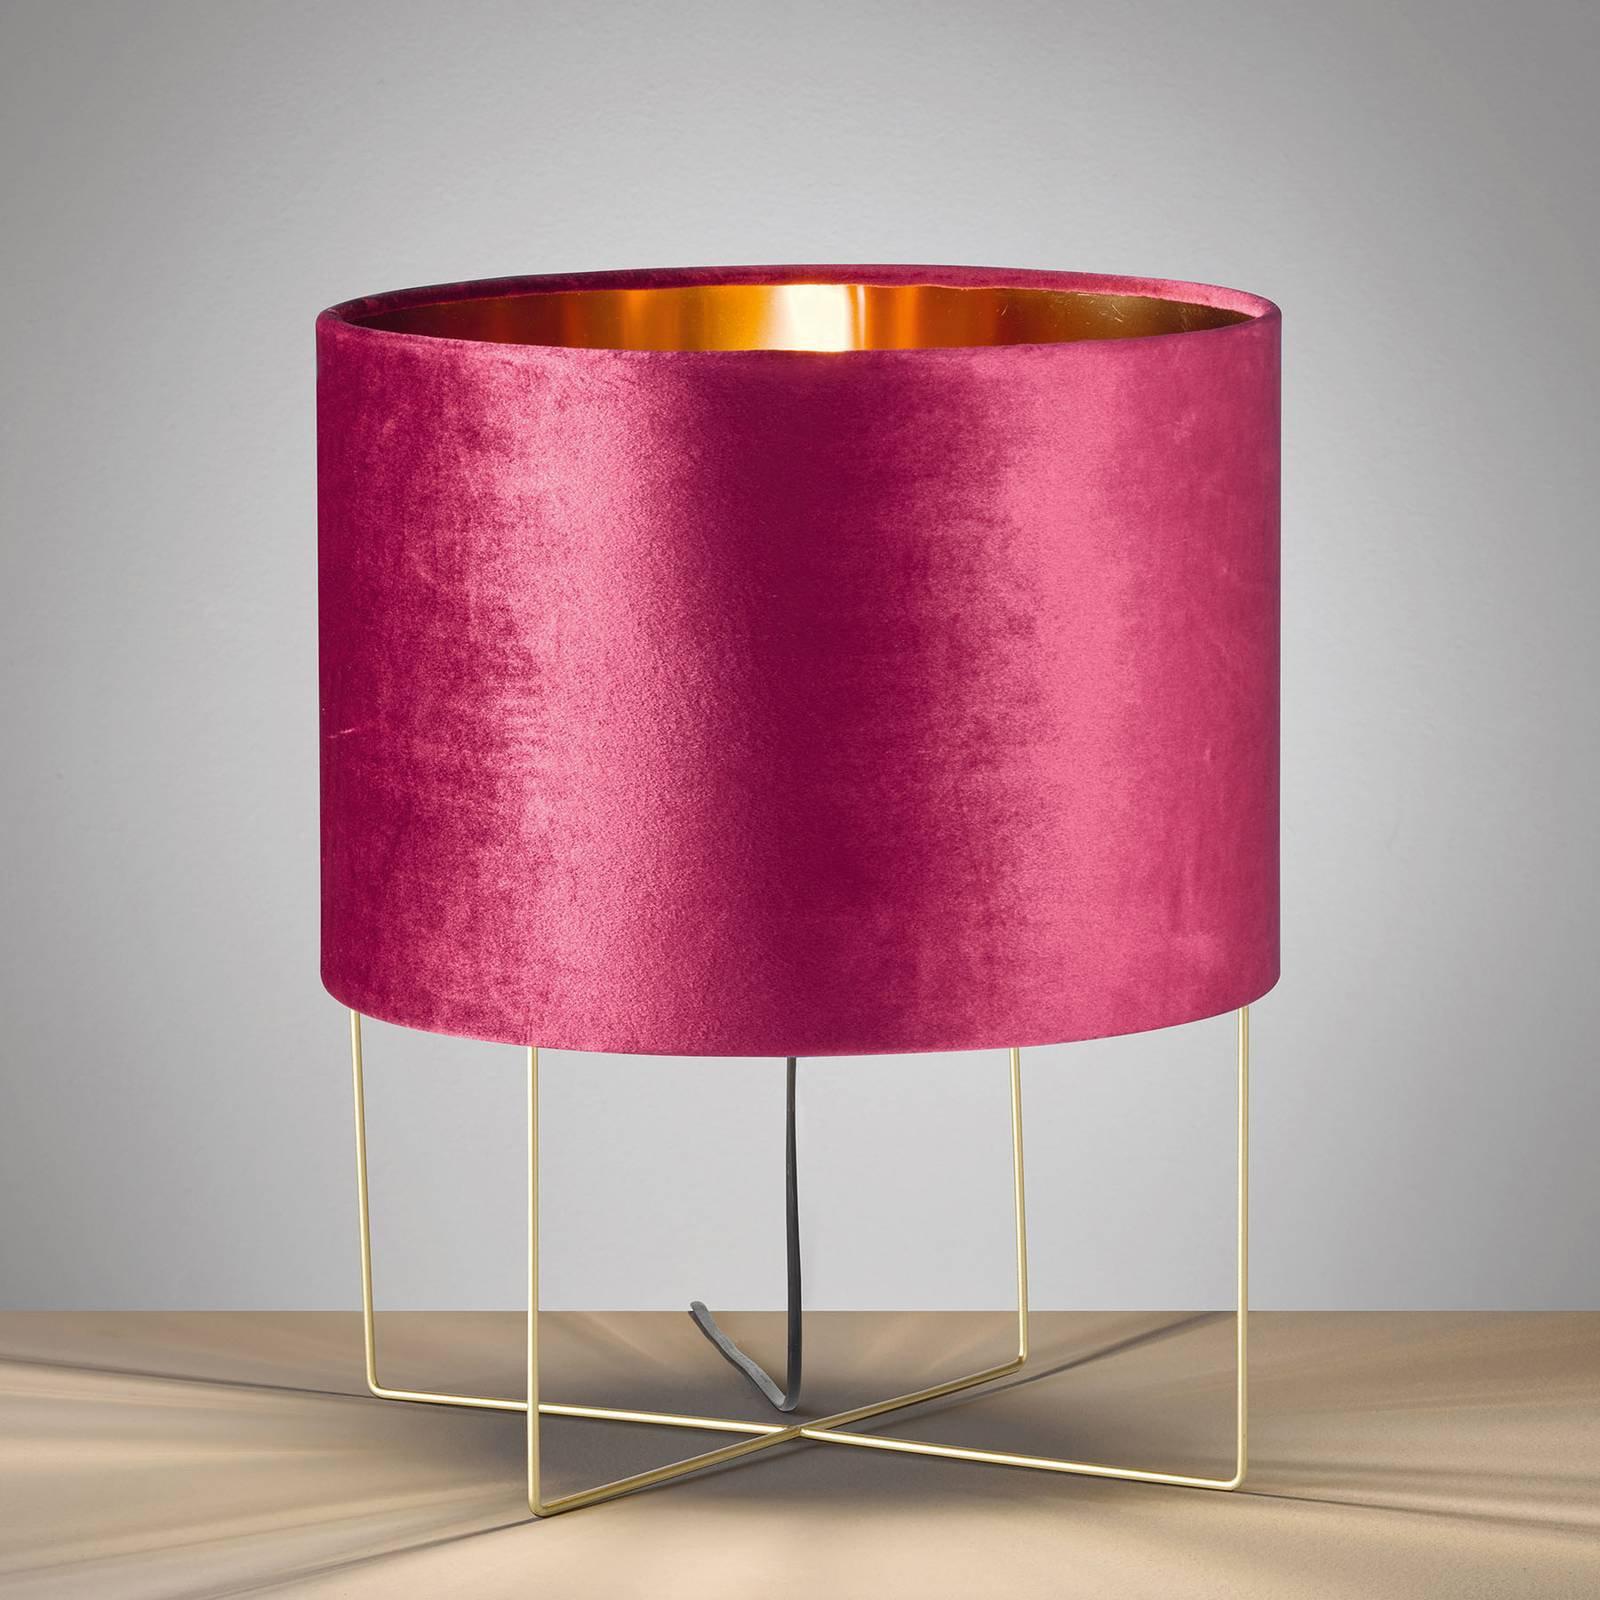 Bordlampe Aura, fløyelsskjerm, høyde 43 cm, rød